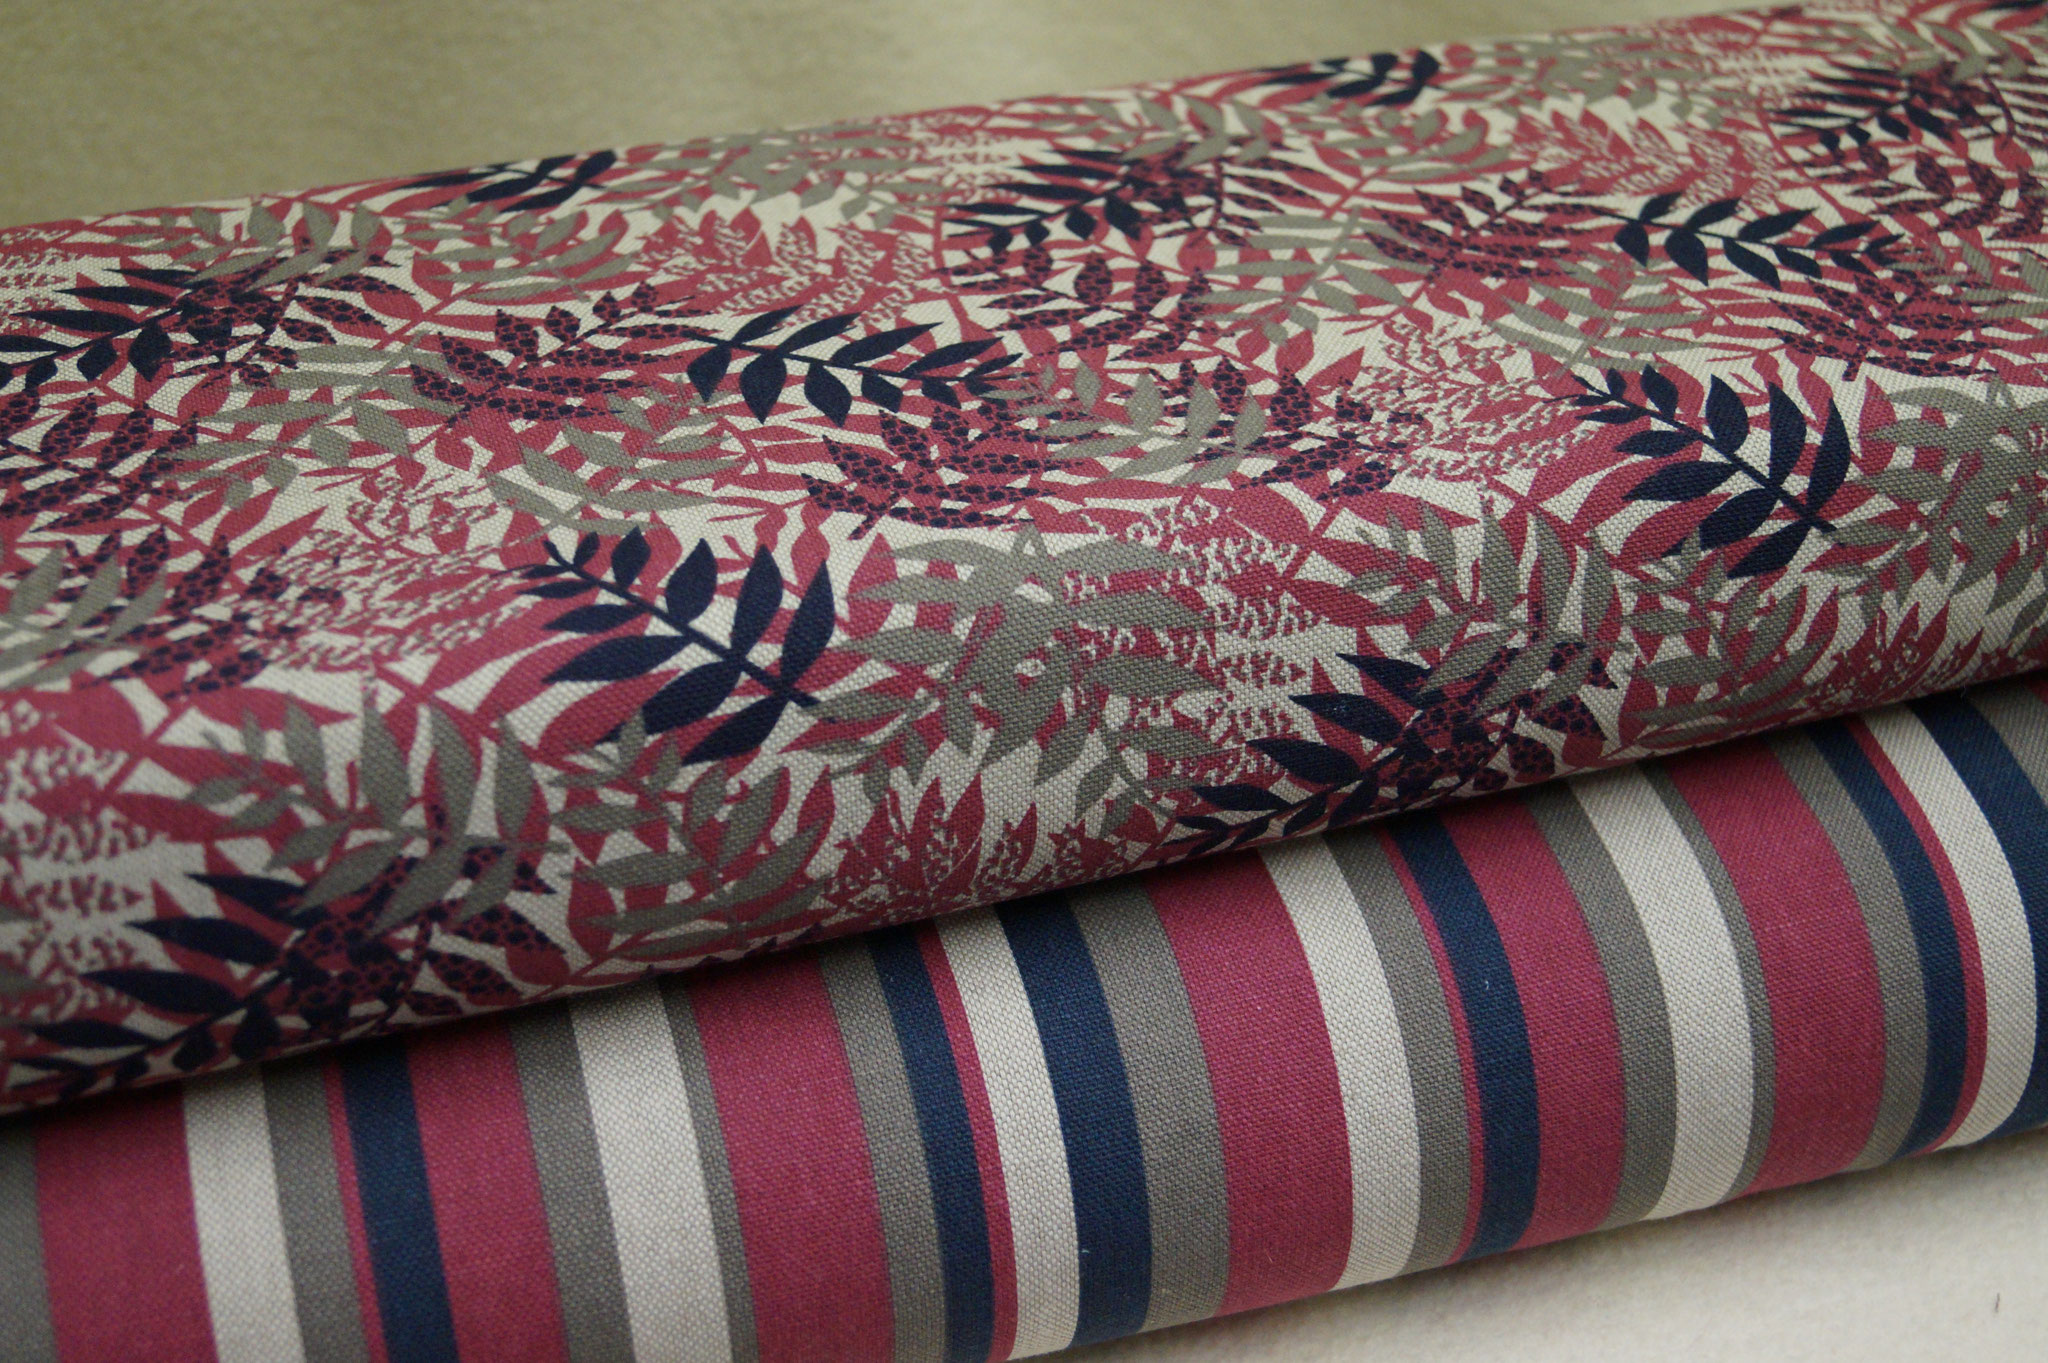 Canvas Streifen, 80% Baumwolle, 140cm breit, 0.5m 7.00€; Canvas Blätter, 80% Baumwolle, 140cm breit, 0.5m 8.25€